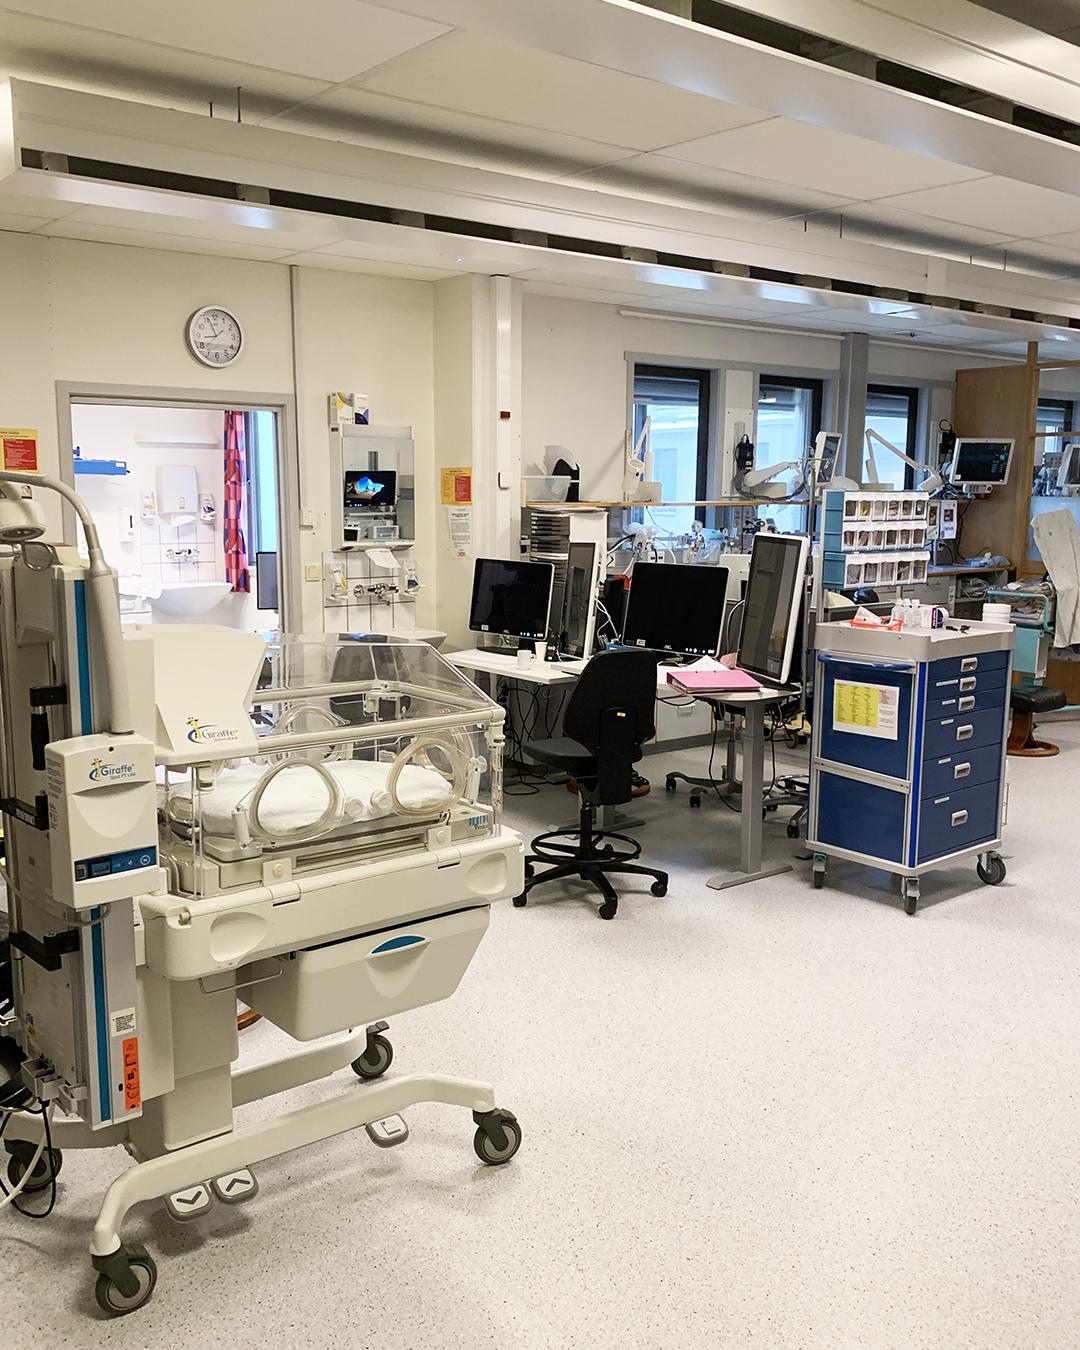 Bilde av nyfødt intensivavdelingen, Cingulum